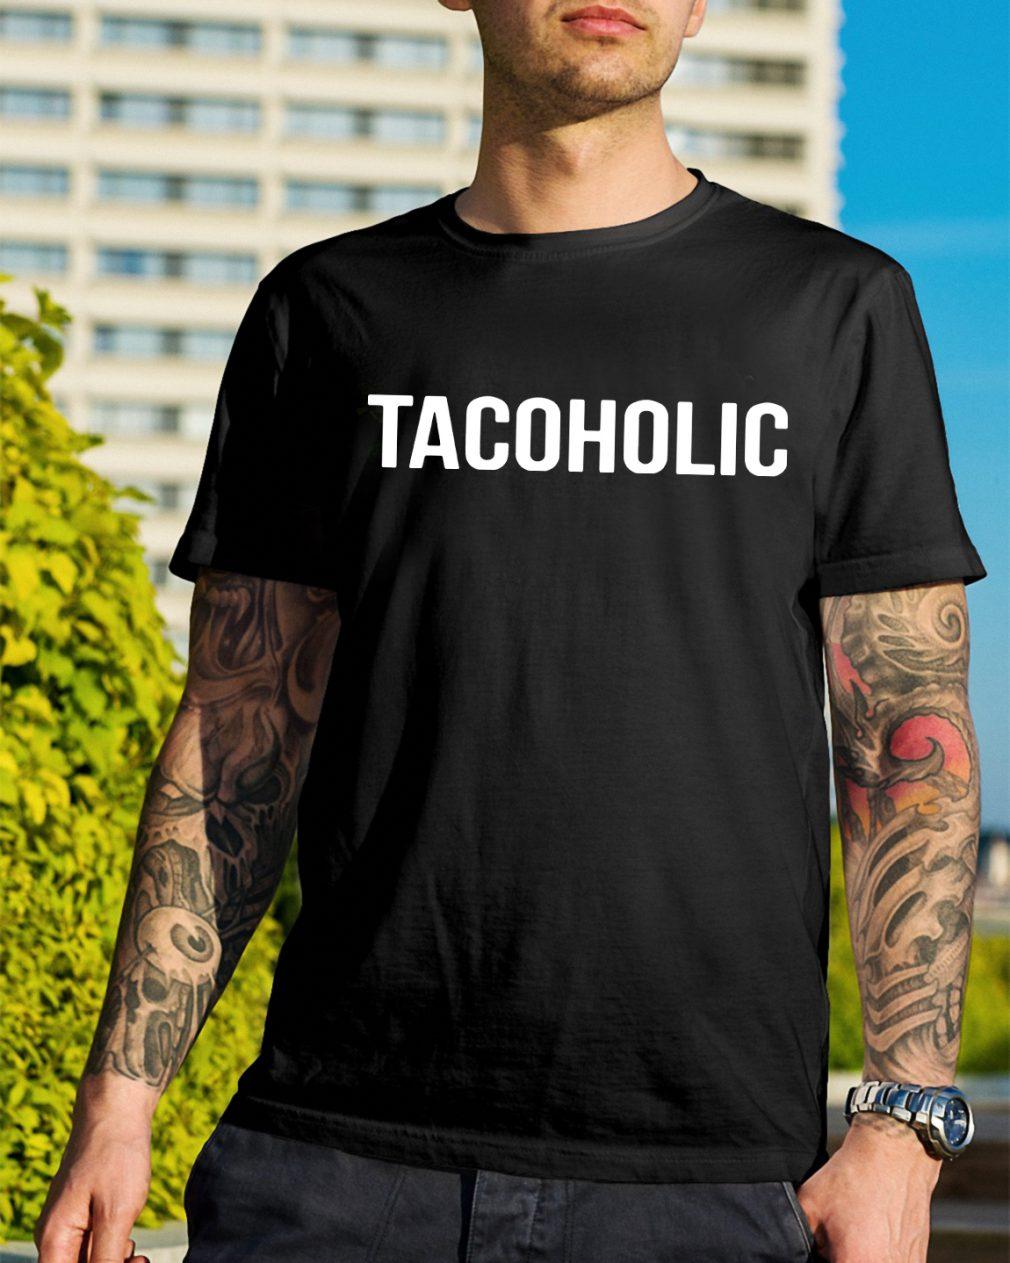 Official Tacoholic shirt